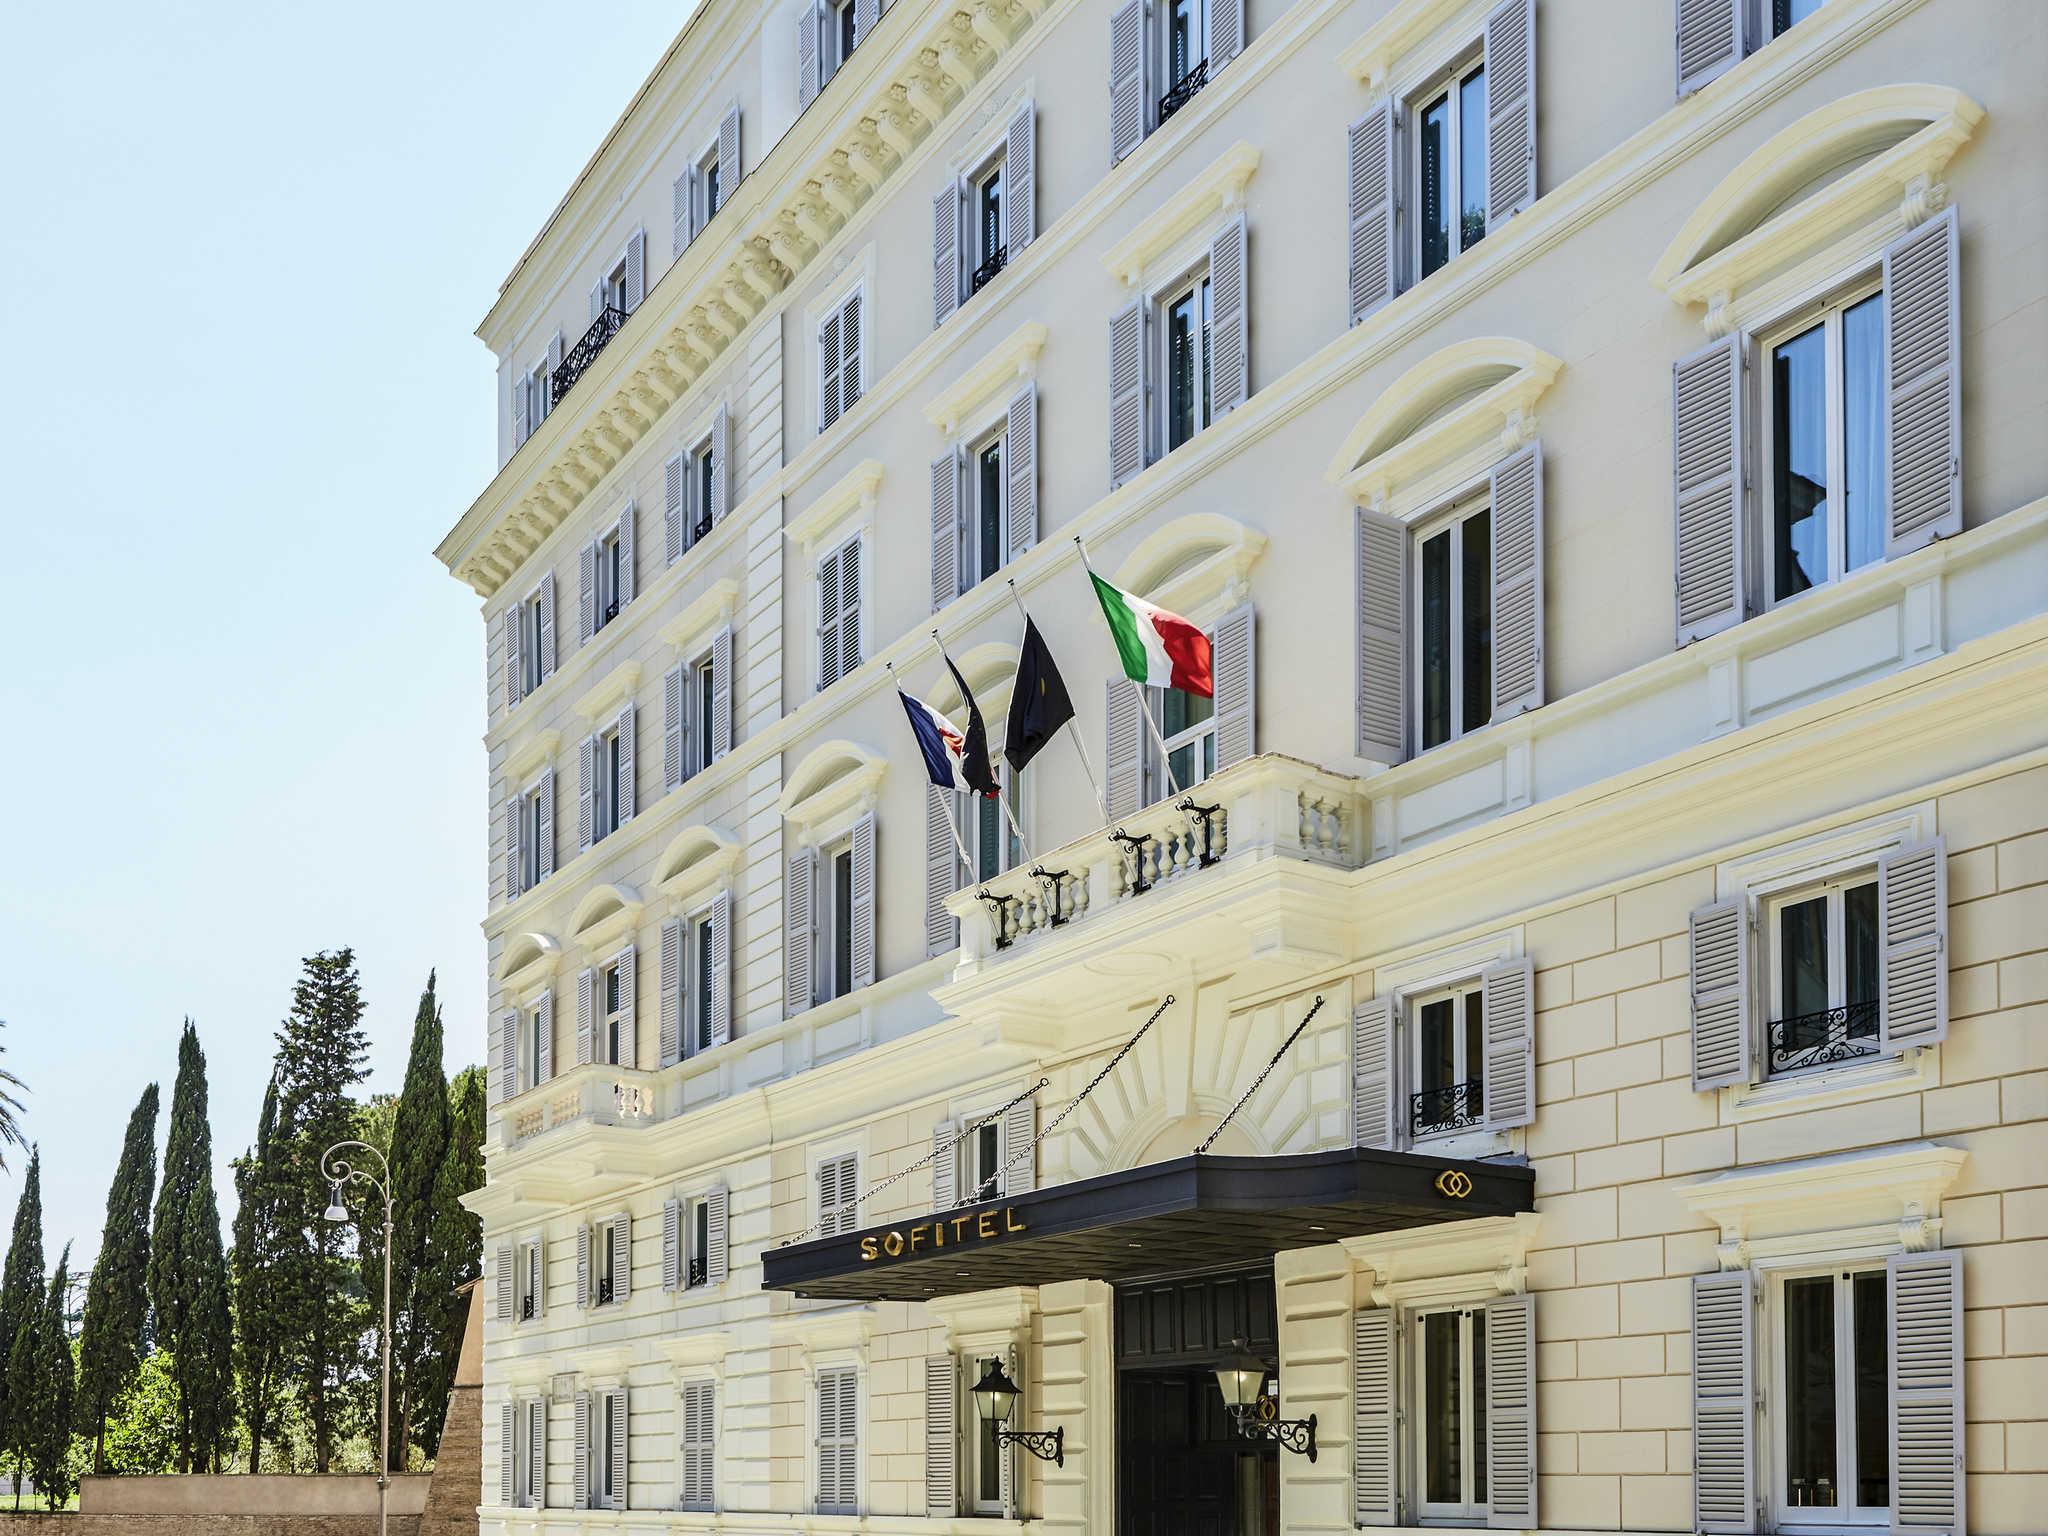 Hotel – Sofitel Roma (in totale ristrutturazione